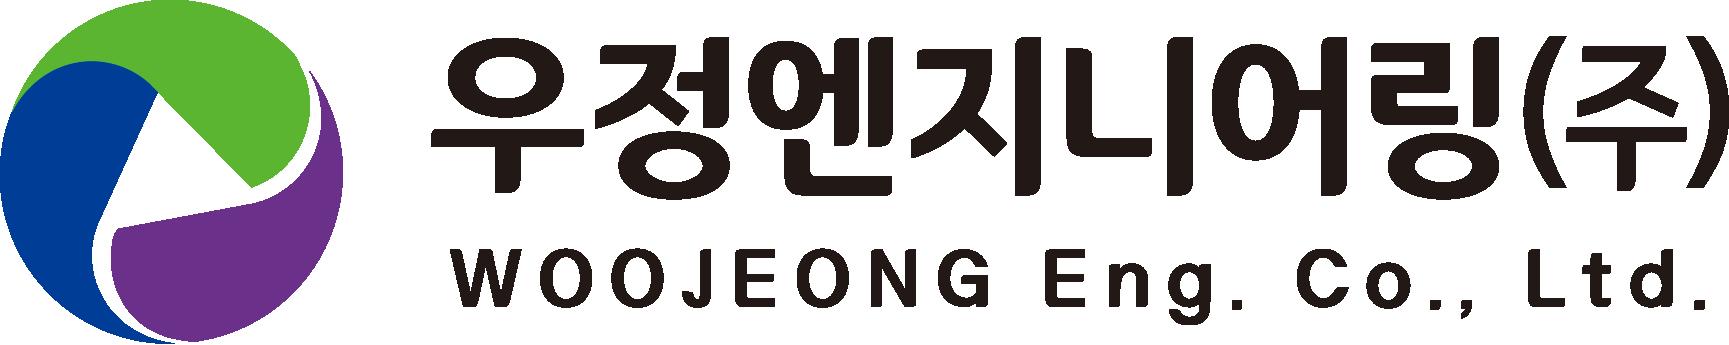 우정엔지니어링